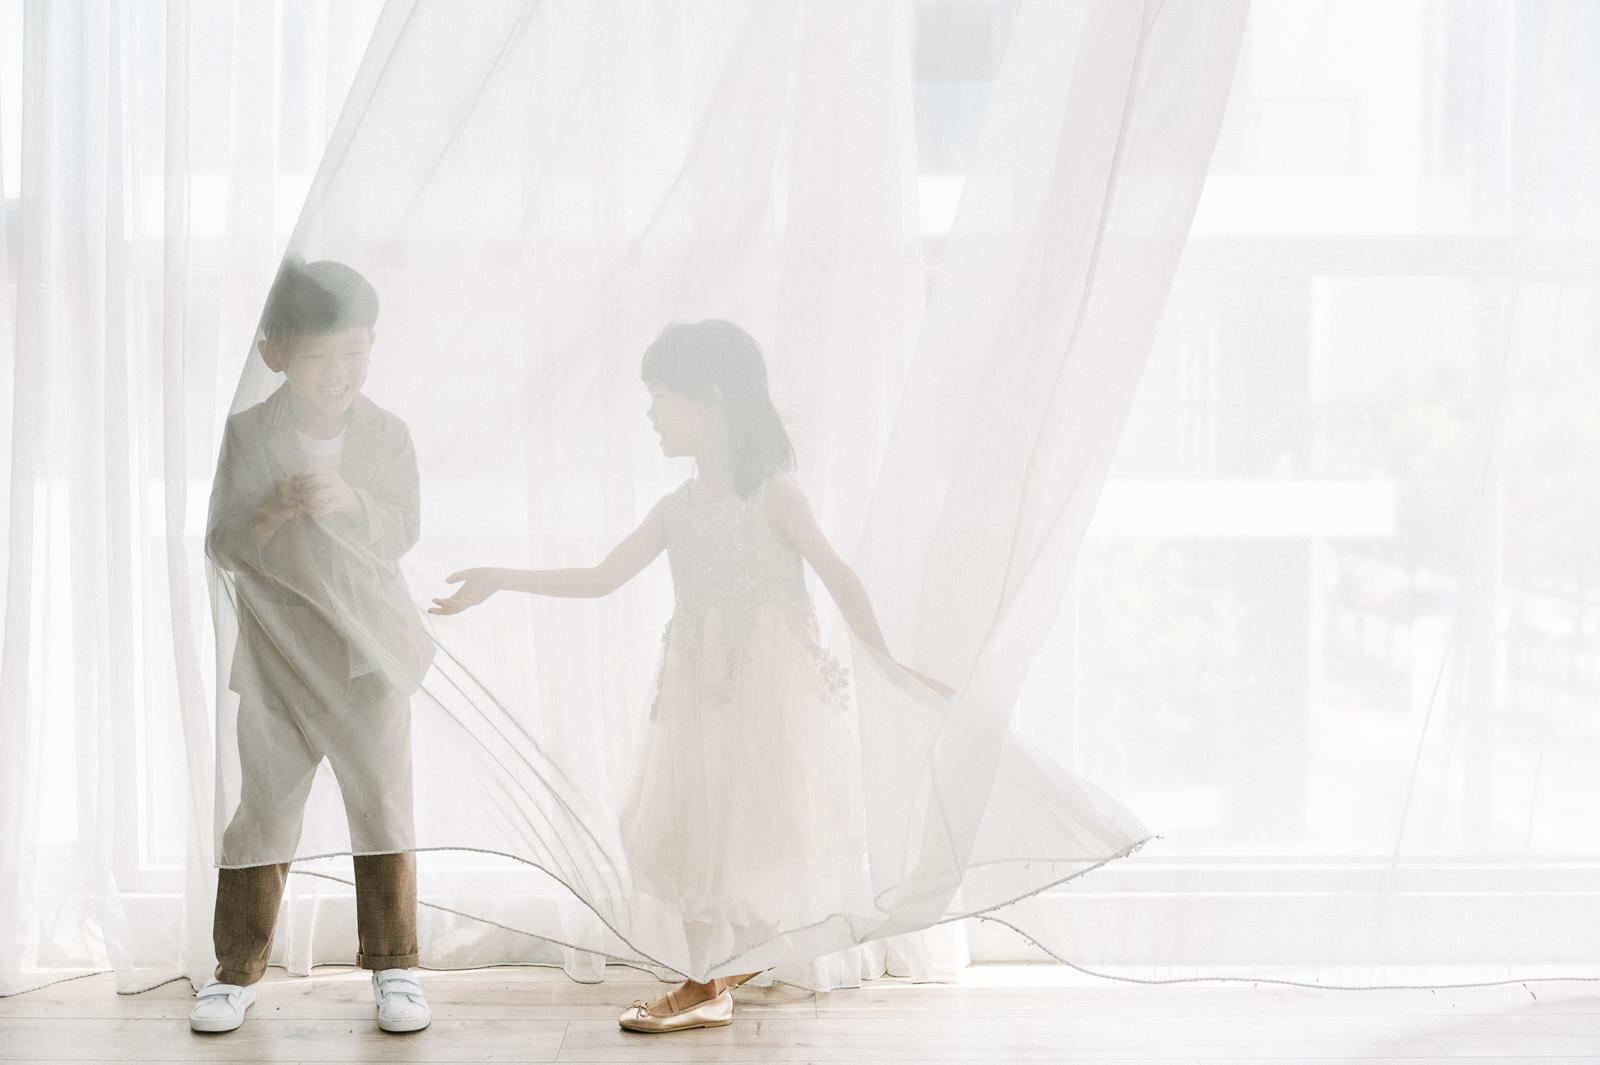 自主婚紗,自助婚紗,派大影相,派大楊,日本婚紗,美式婚紗,Pre-wedding,自然婚紗,